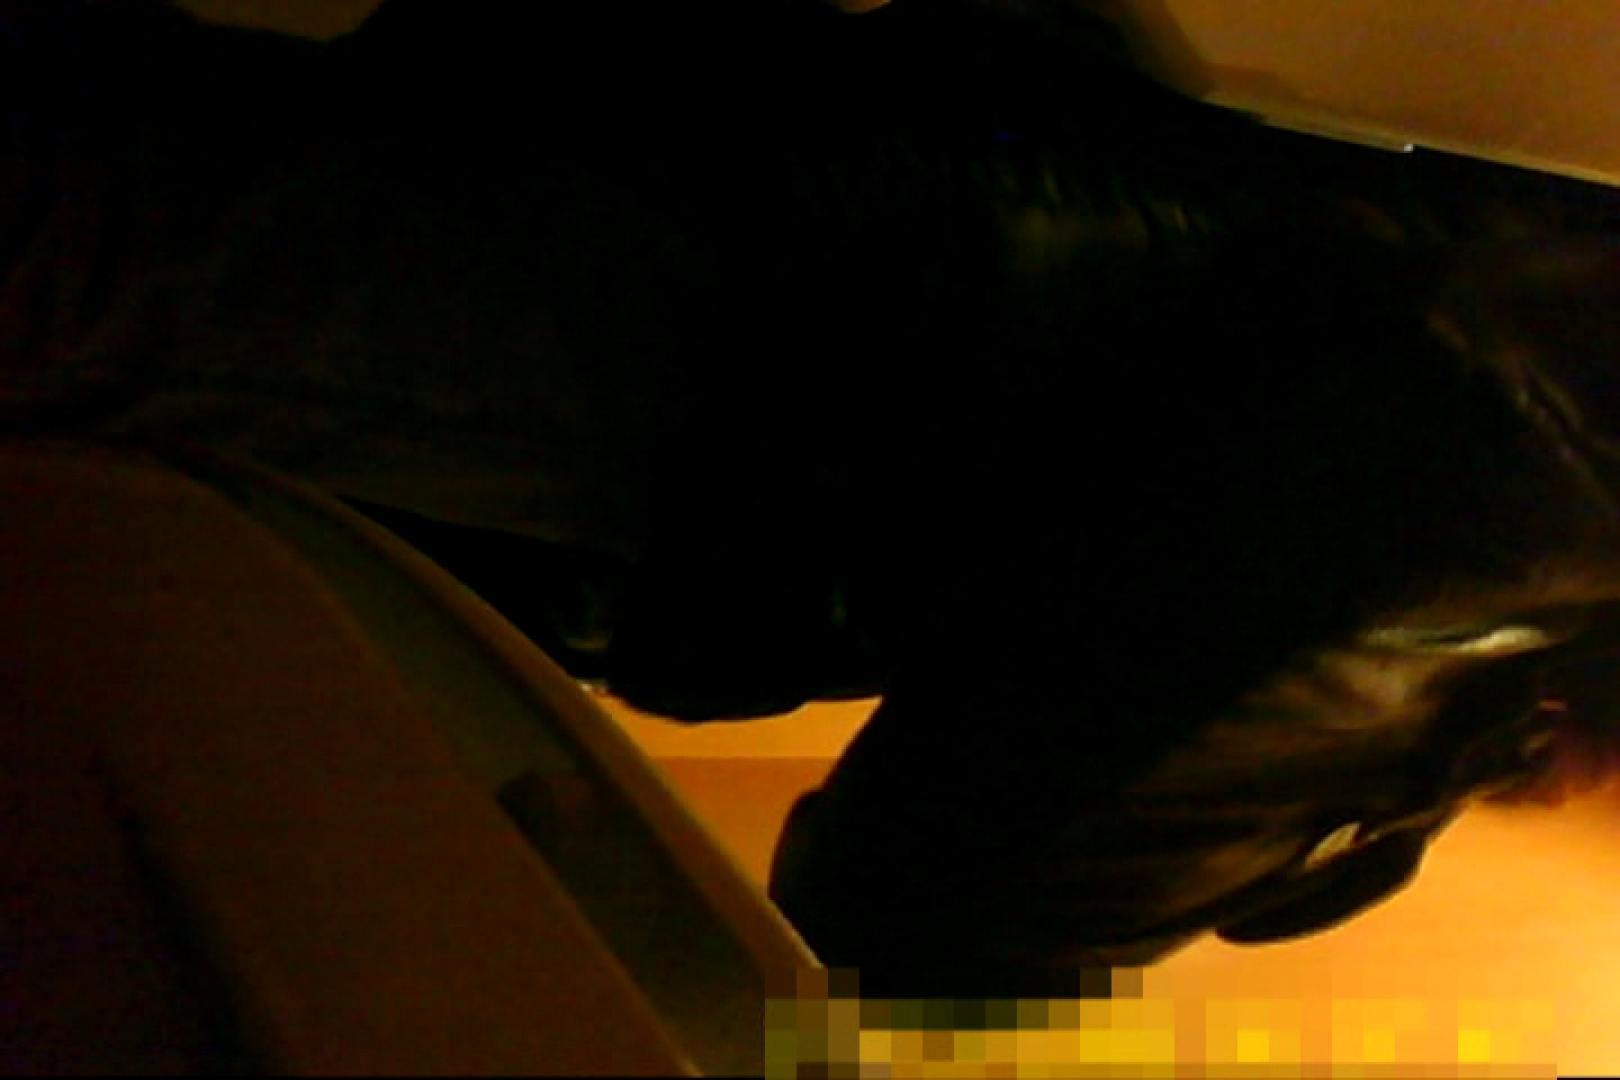 魅惑の化粧室~禁断のプライベート空間~vol.7 プライベート | 洗面所  79pic